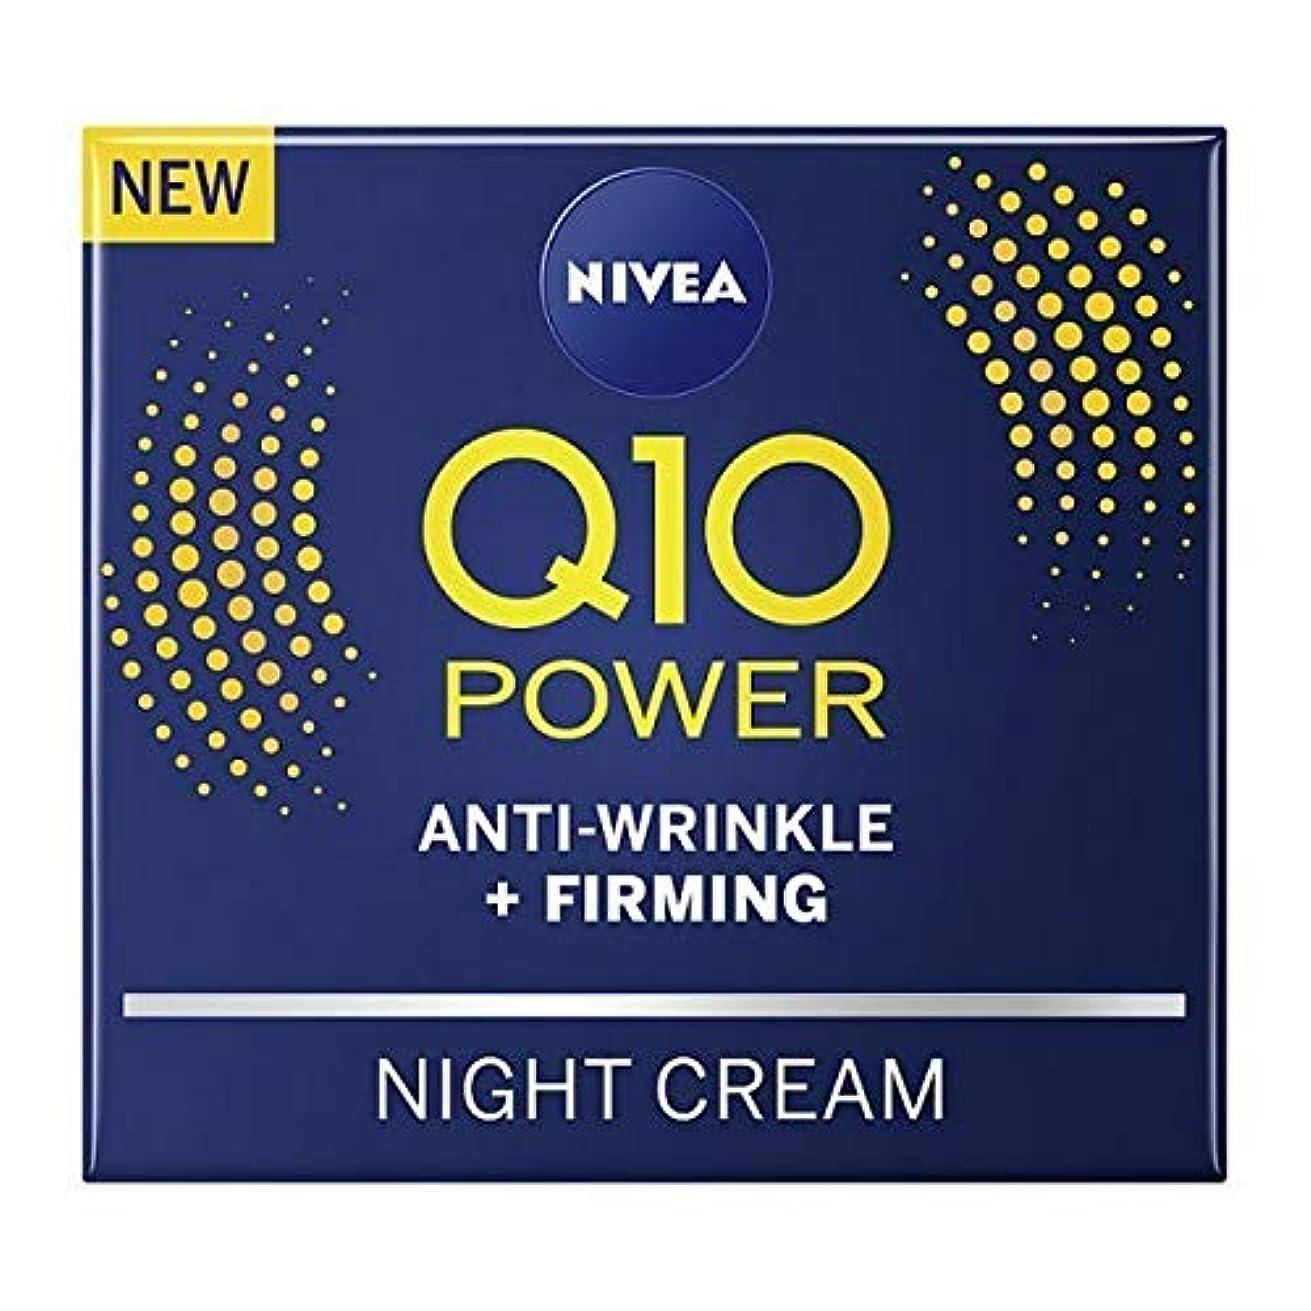 つぼみ地上のほとんどない[Nivea ] ニベアQ10パワー抗シワ+引き締めナイトクリーム50Ml - NIVEA Q10 Power Anti-Wrinkle + Firming Night Cream 50ml [並行輸入品]